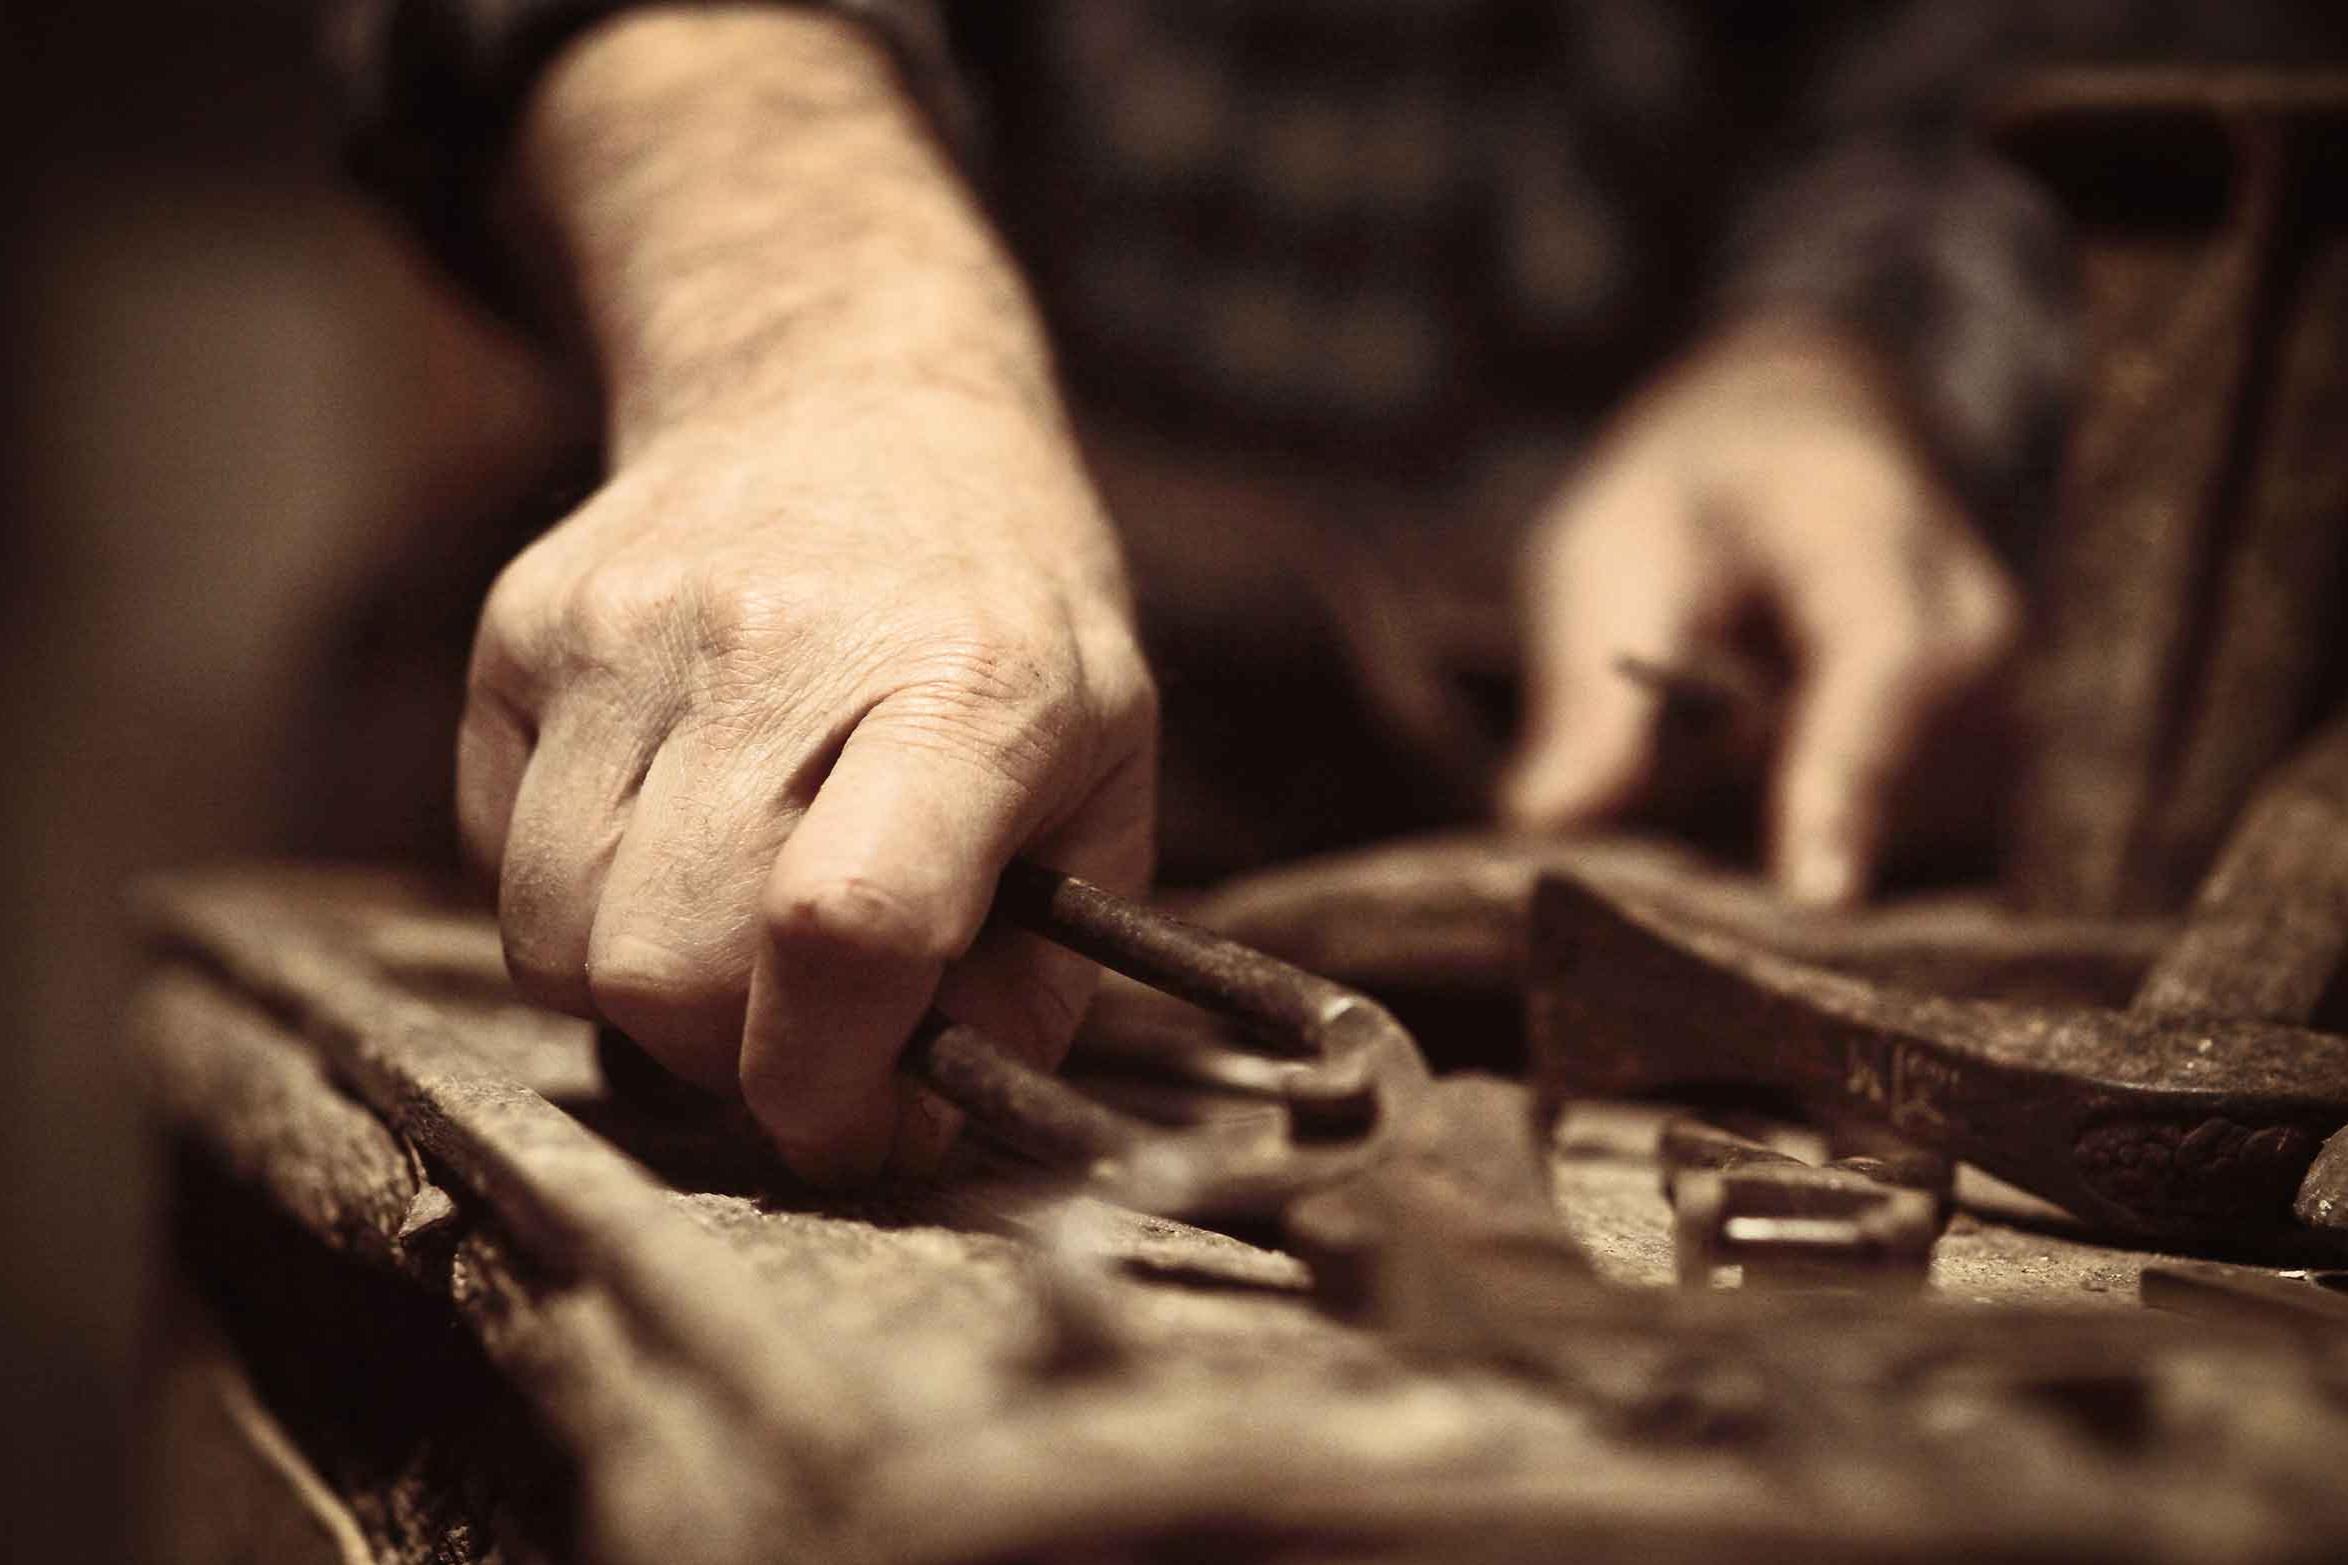 Un trabajo humano - Realizado con herramientas tradicionales y la habilidad y fuerza de las manos.En todo el proceso, desde el nacimiento de la idea hasta la presentación final de la pieza, esta involucrada la experiencia, imaginación, y atención al detalle que sólo una persona puede tener. Las máquinas están bien, pero para tocar el alma humana hace falta humanidad.